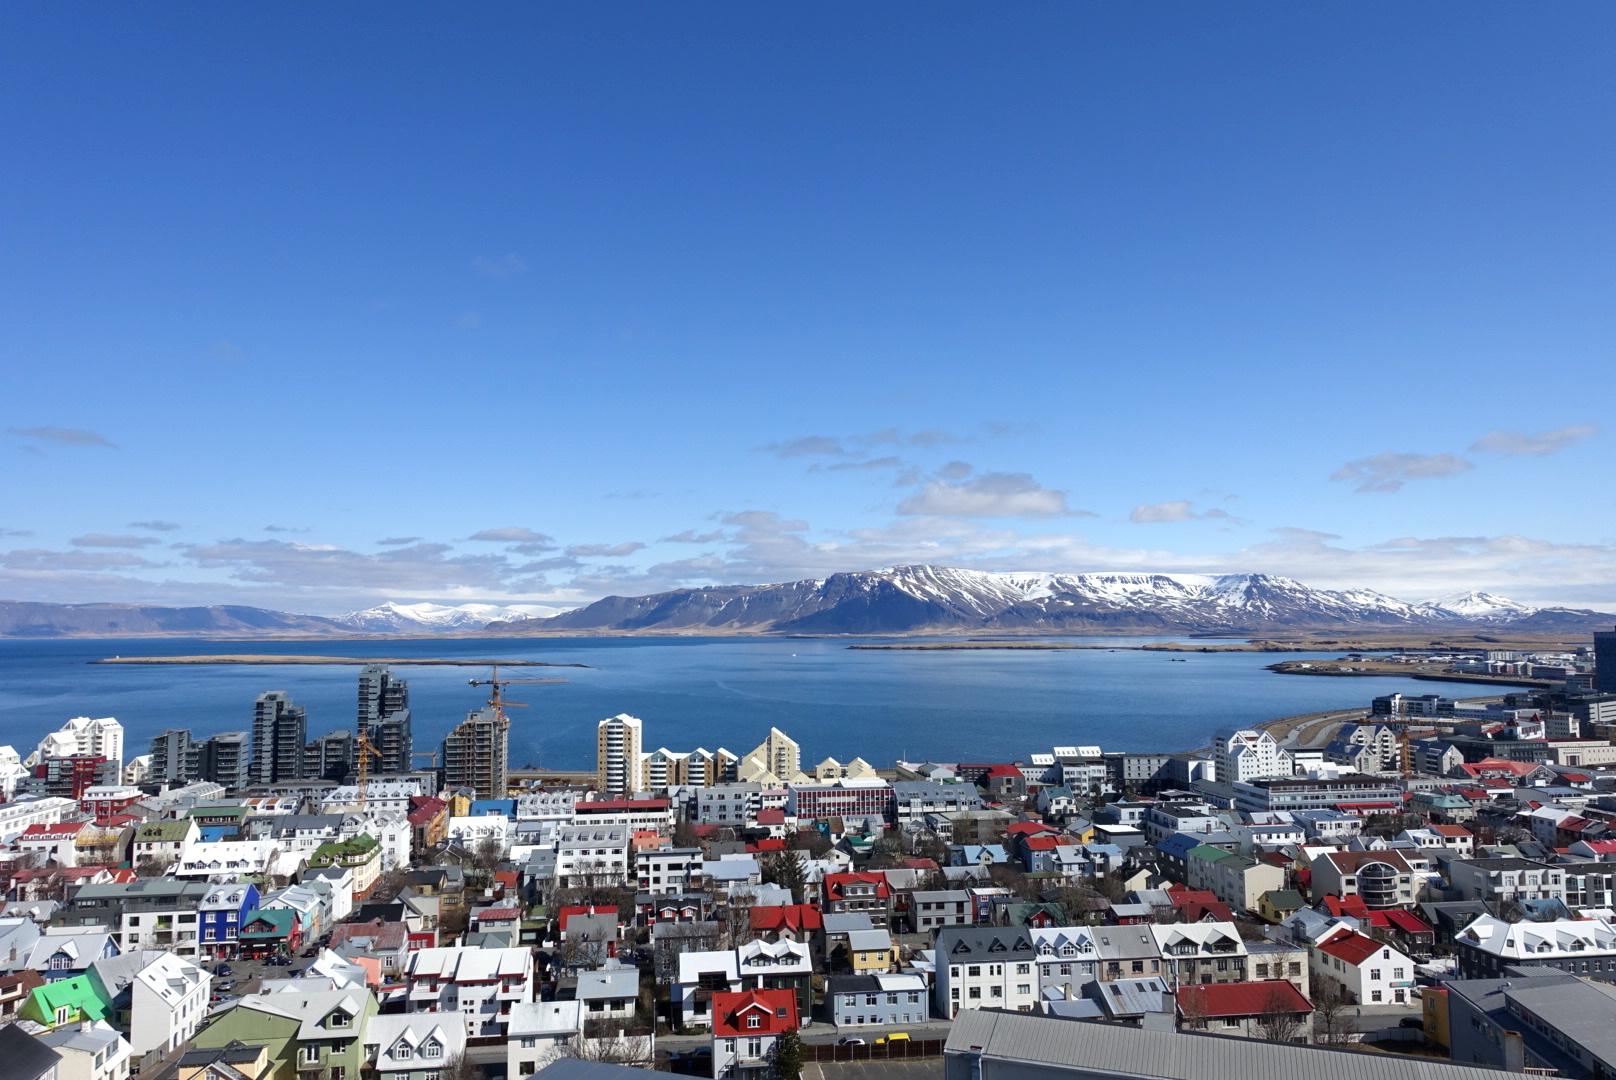 ทิวเขาตรงขอบฟ้าของเมืองเรคยาวิกเป็นเหมือนความสุขที่ไม่มีวันสิ้นสุดในเมืองหลวงที่อยู่เหนือสุดของโลก